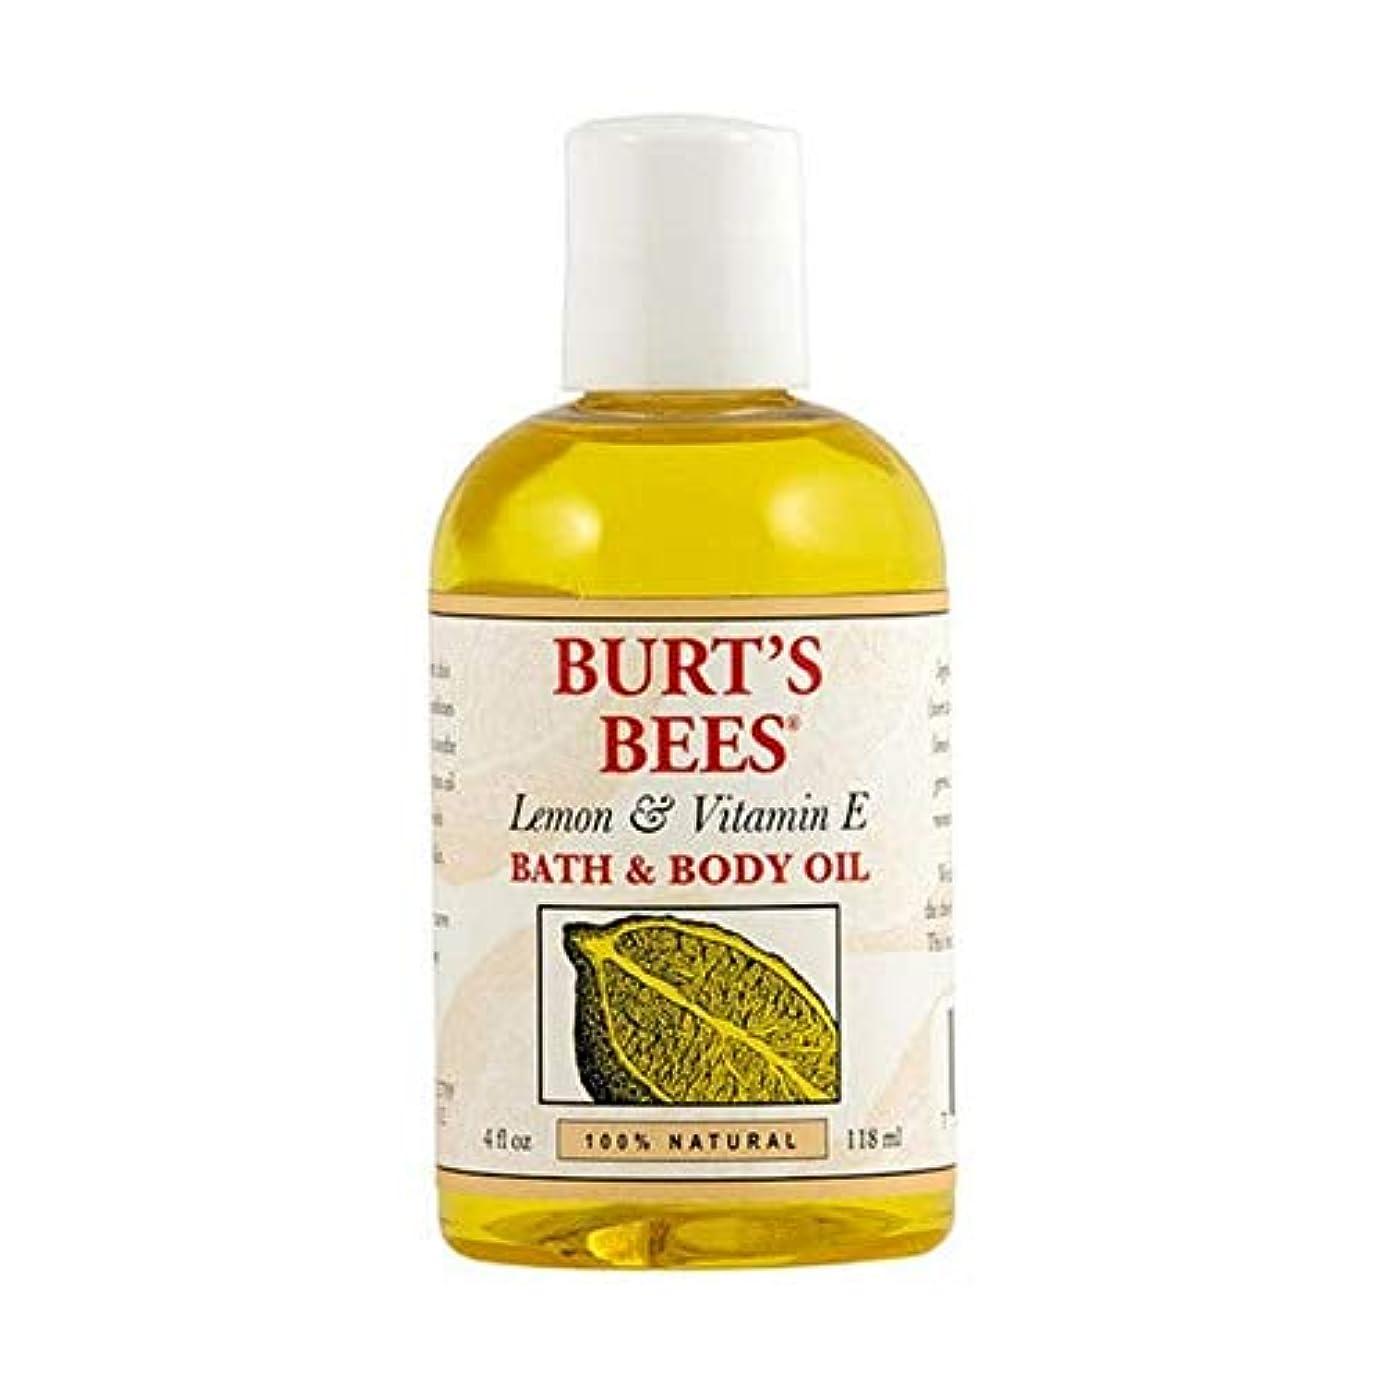 を通してまたね猫背[Burt's Bees ] バーツビーレモンとビタミンE体とバスオイル115ミリリットル - Burt's Bees Lemon and Vitamin E Body and Bath Oil 115ml [並行輸入品]